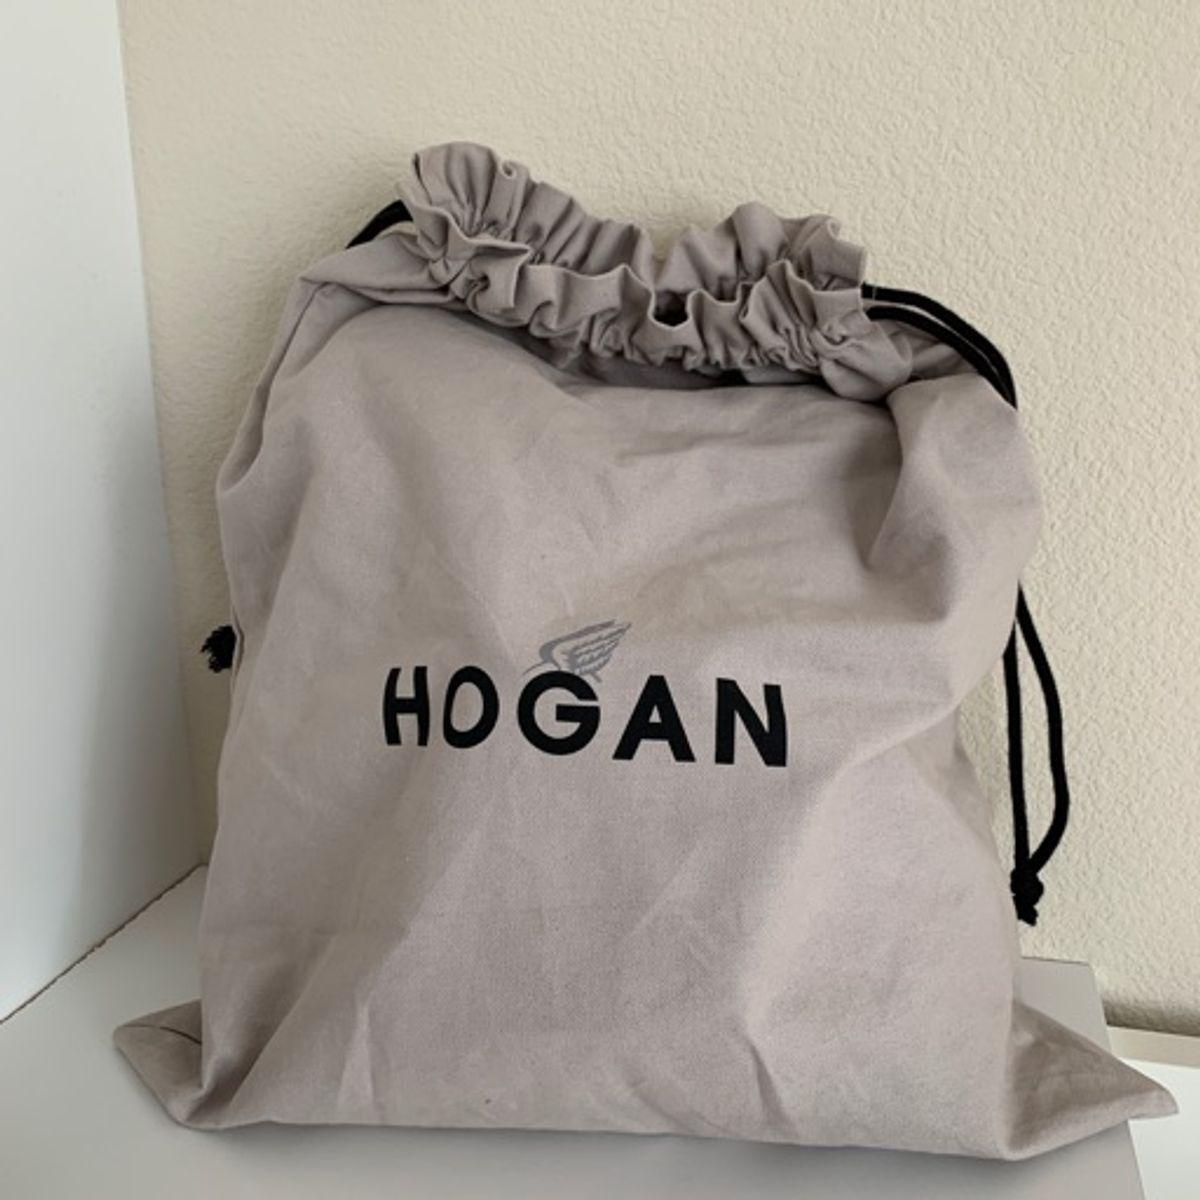 Hogan_2